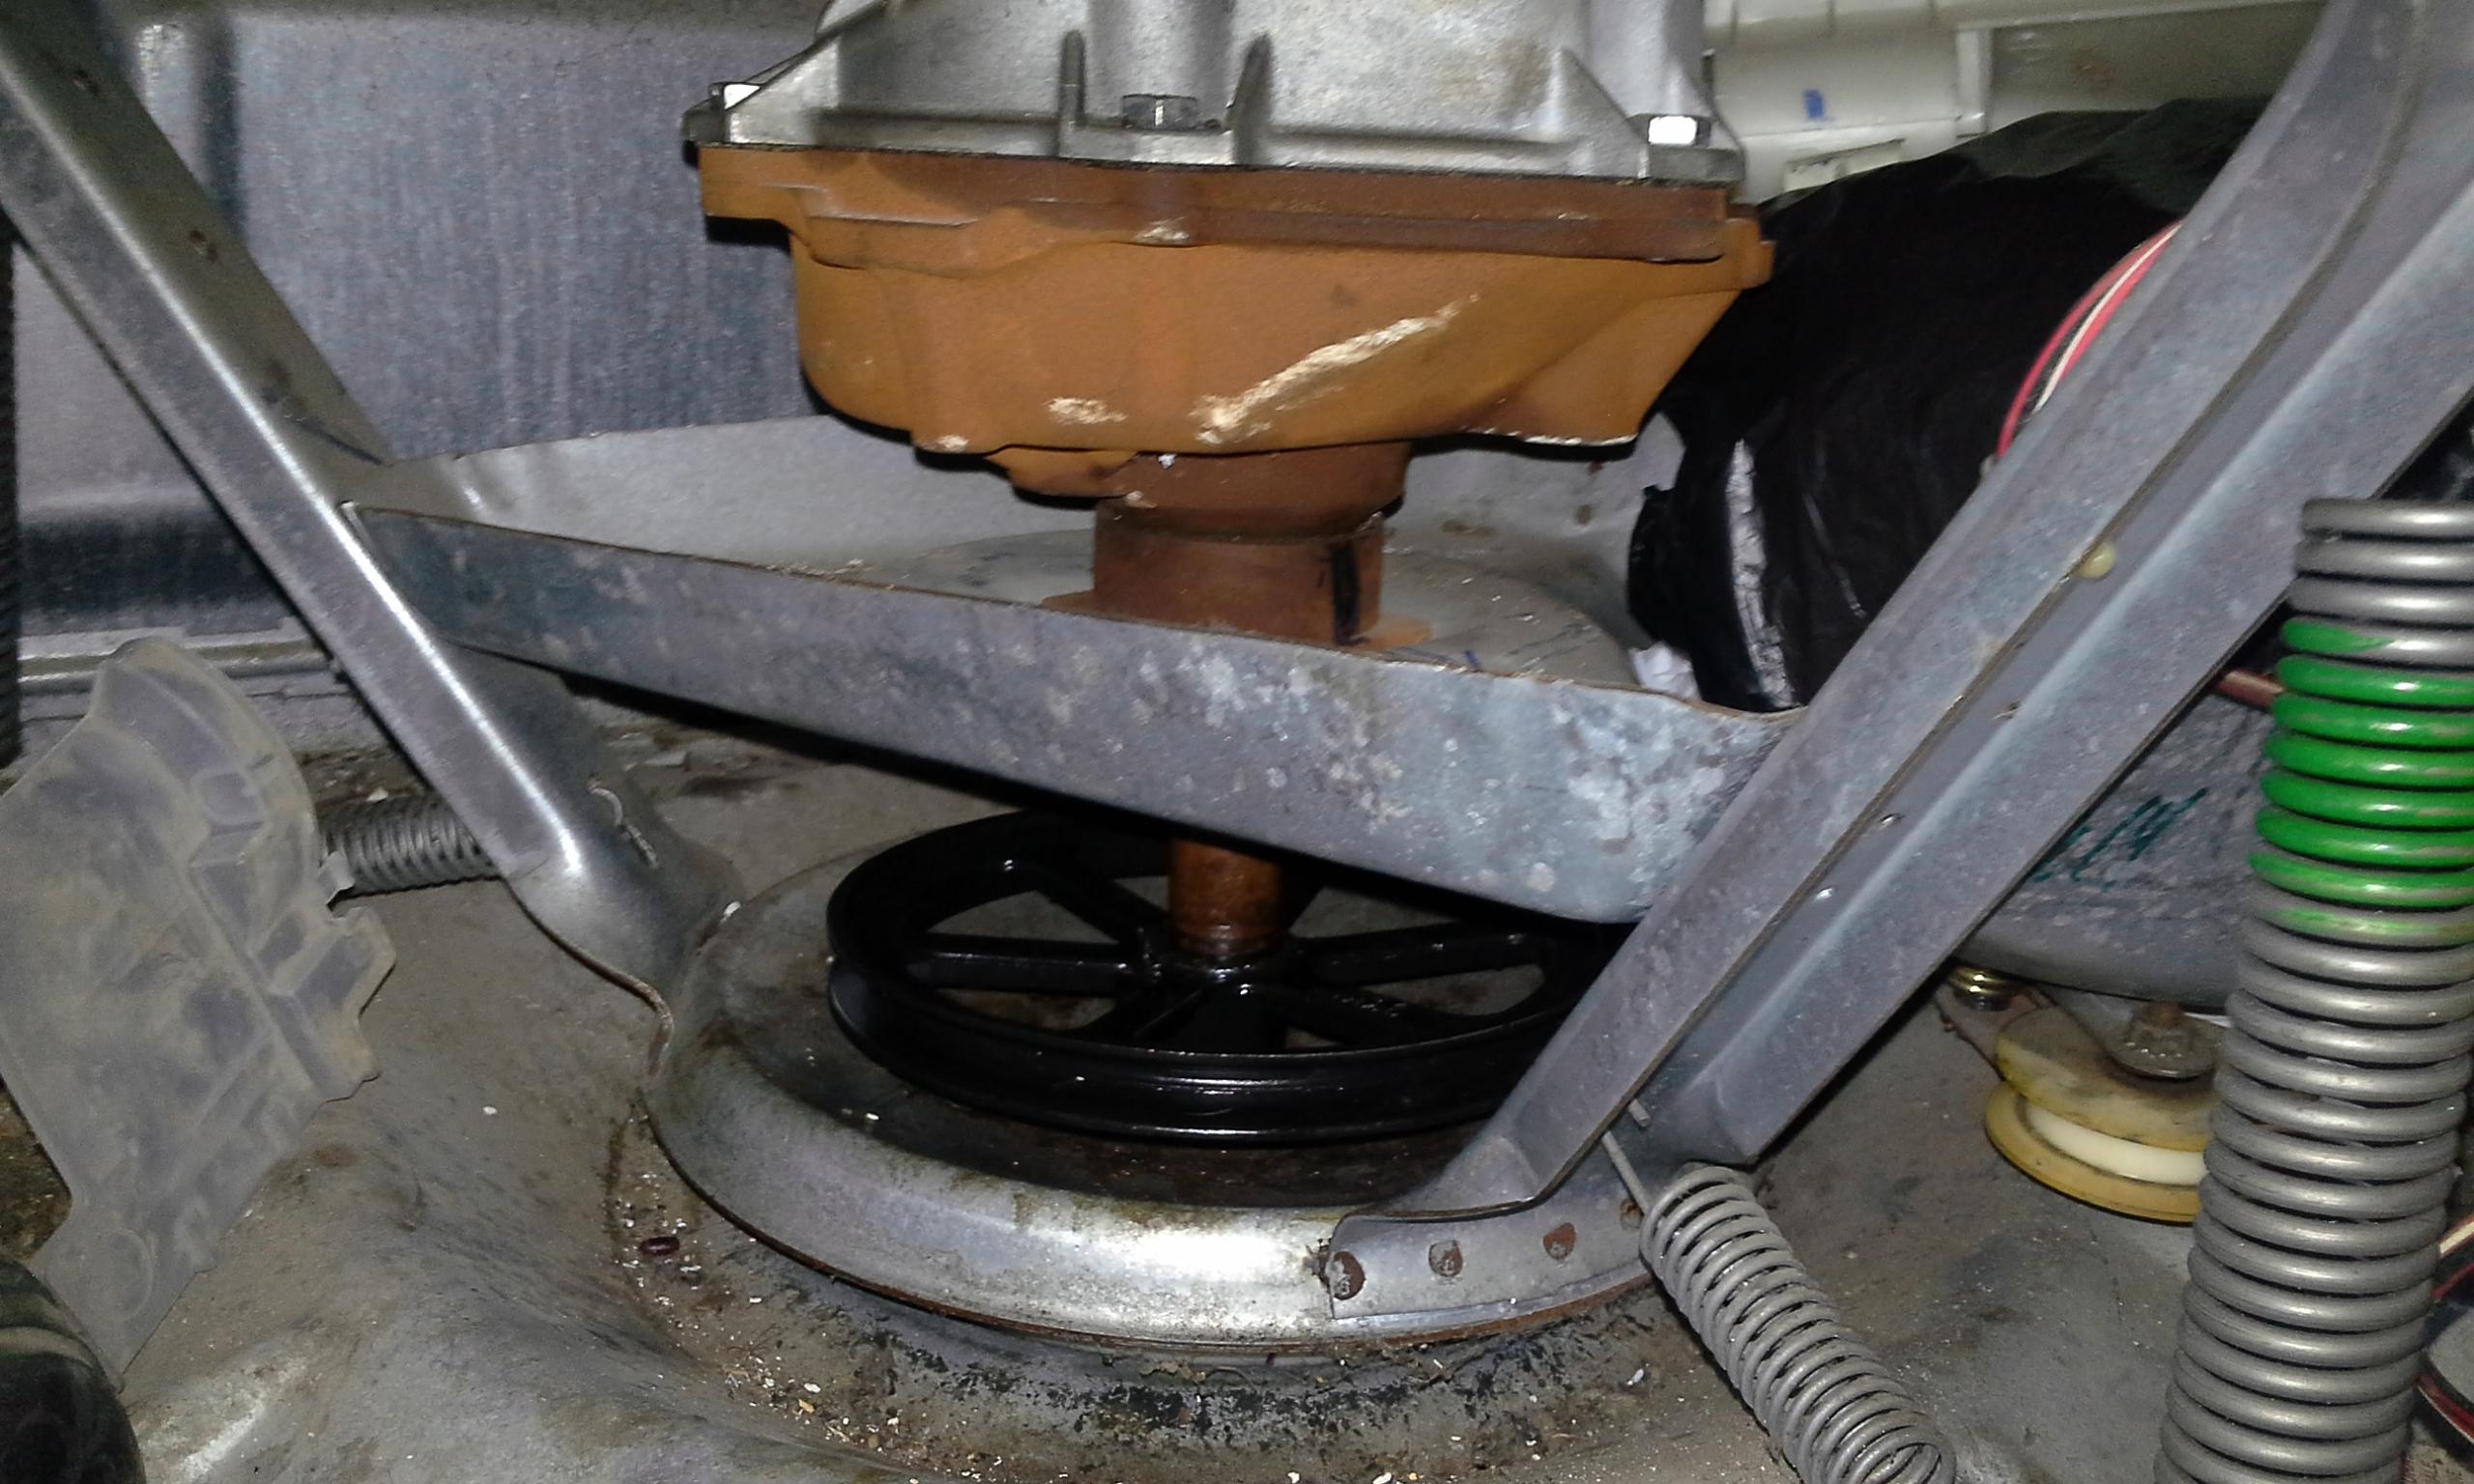 Extractor De Baño Hace Mucho Ruido: modelo: GLWS1339CS1 Hace mucho ruido – Lavadoras, Secadoras – YoReparo